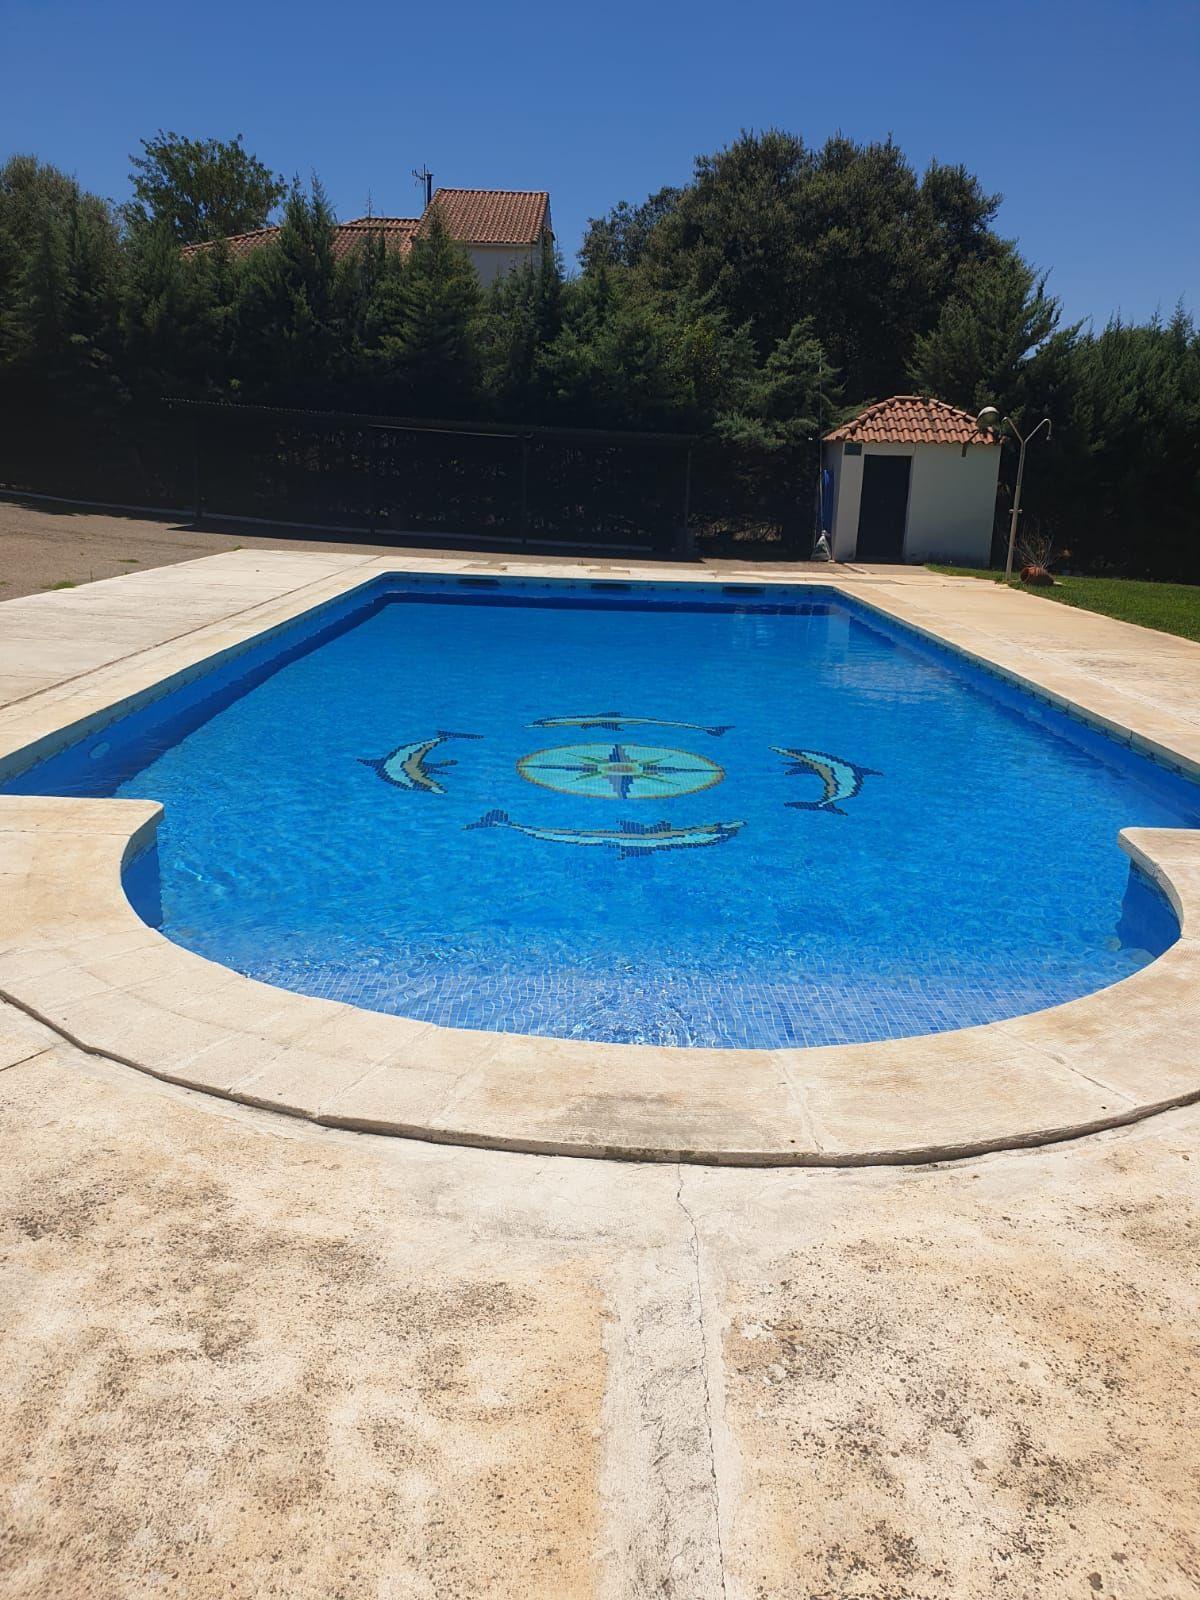 Alquiler casa con piscina Casa Colibrí Badajoz